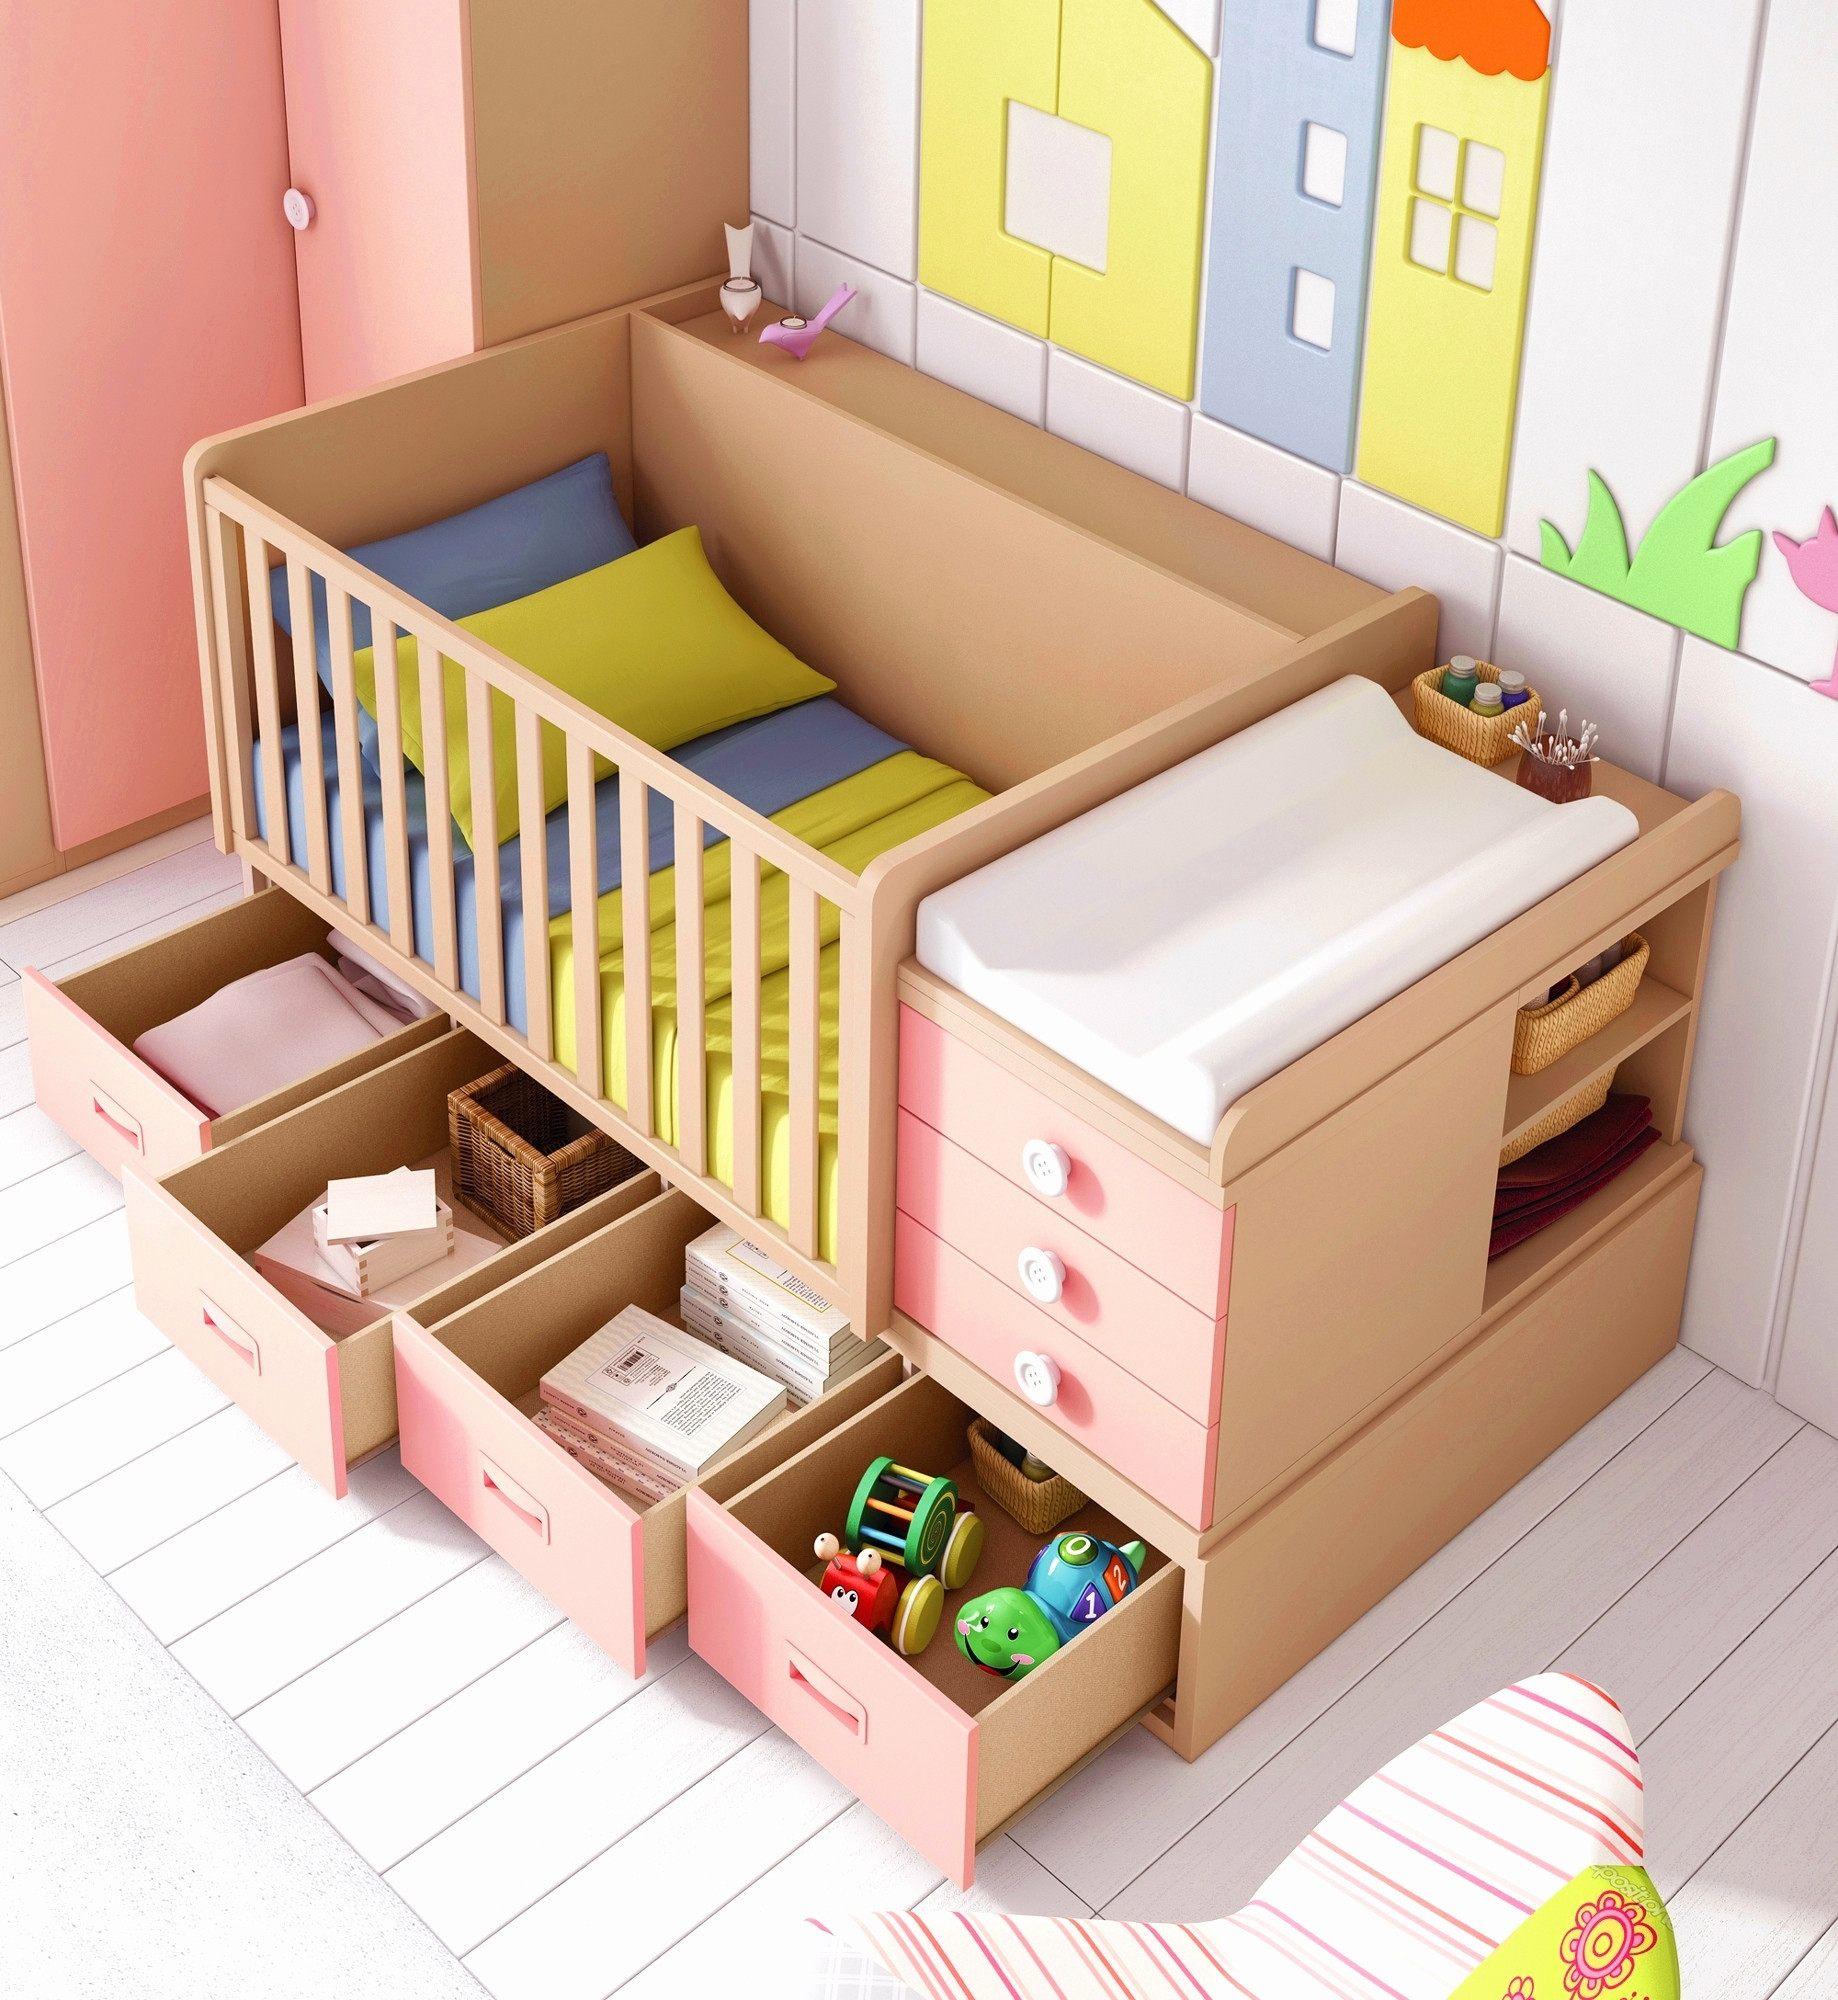 Lit Bébé Ovale Génial Impressionnant Applique Murale Chambre Bébé Ikea Beau Parc B C3 A9b